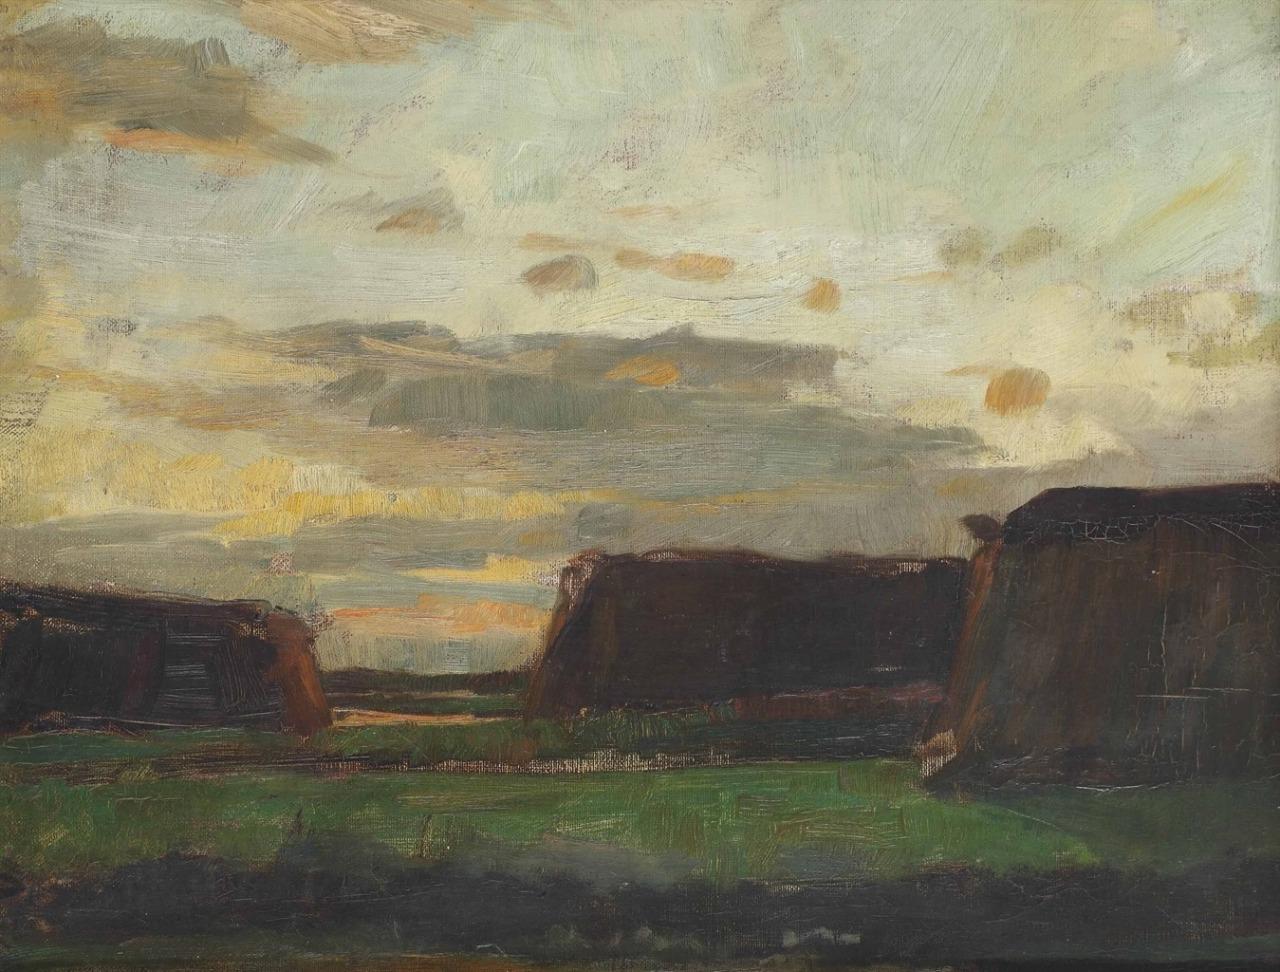 Piet Mondrian (1872-1944) Three haystacks in a field, circa 1907